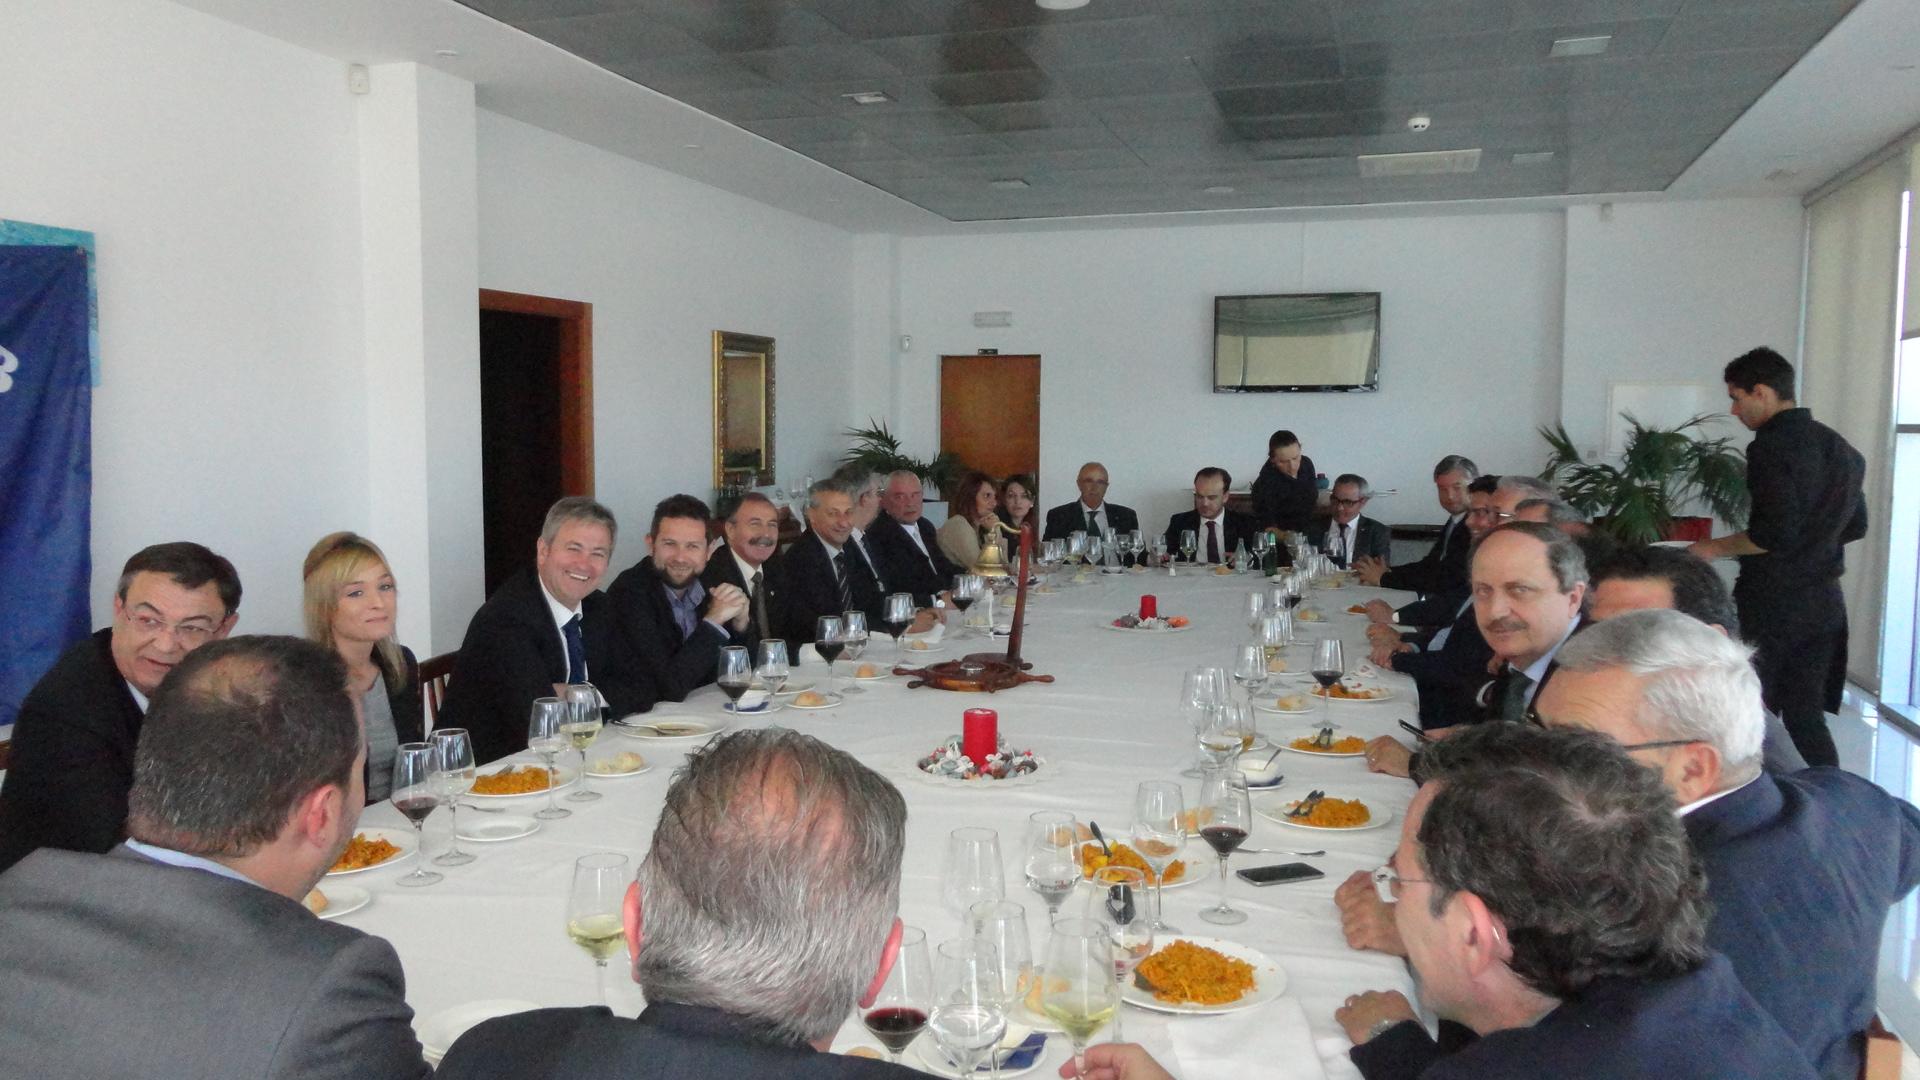 La Autoridad Portuaria de Castellón trabaja en implementar un decálogo de transparencia  y código de buen gobierno